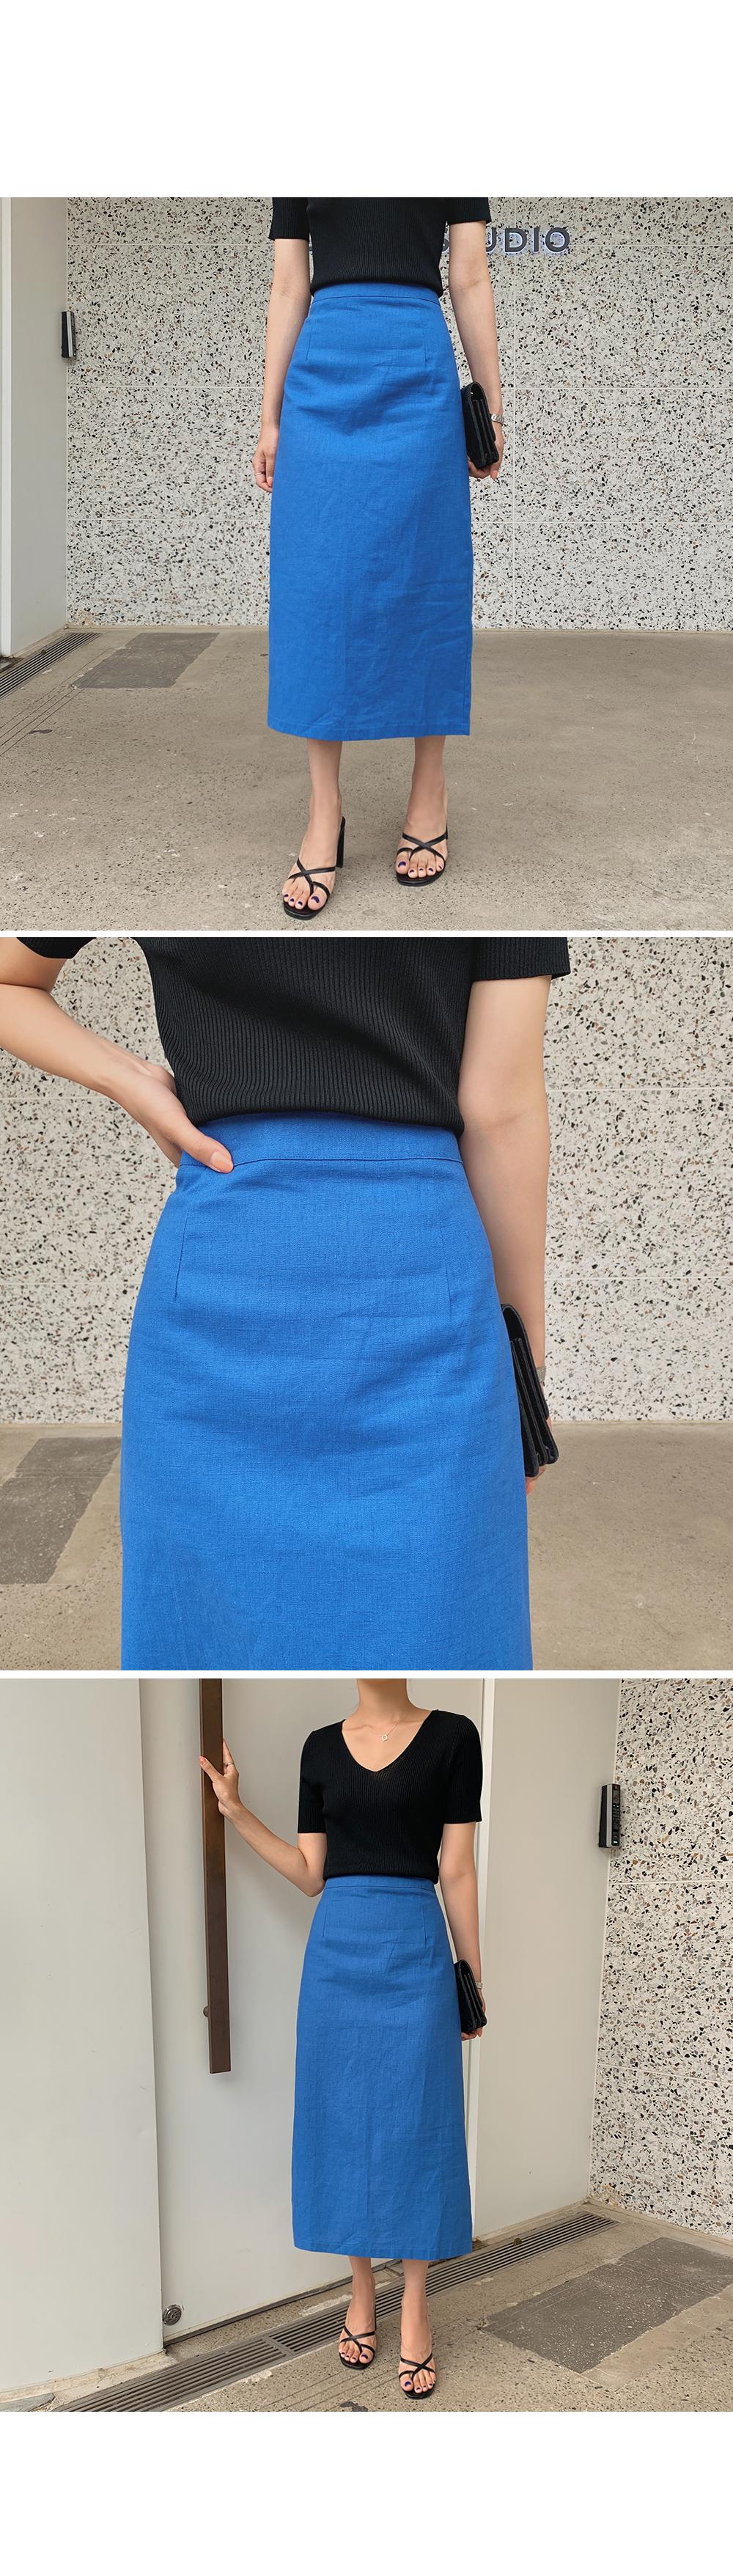 Merlin Linen Skirt  -holiholic.com